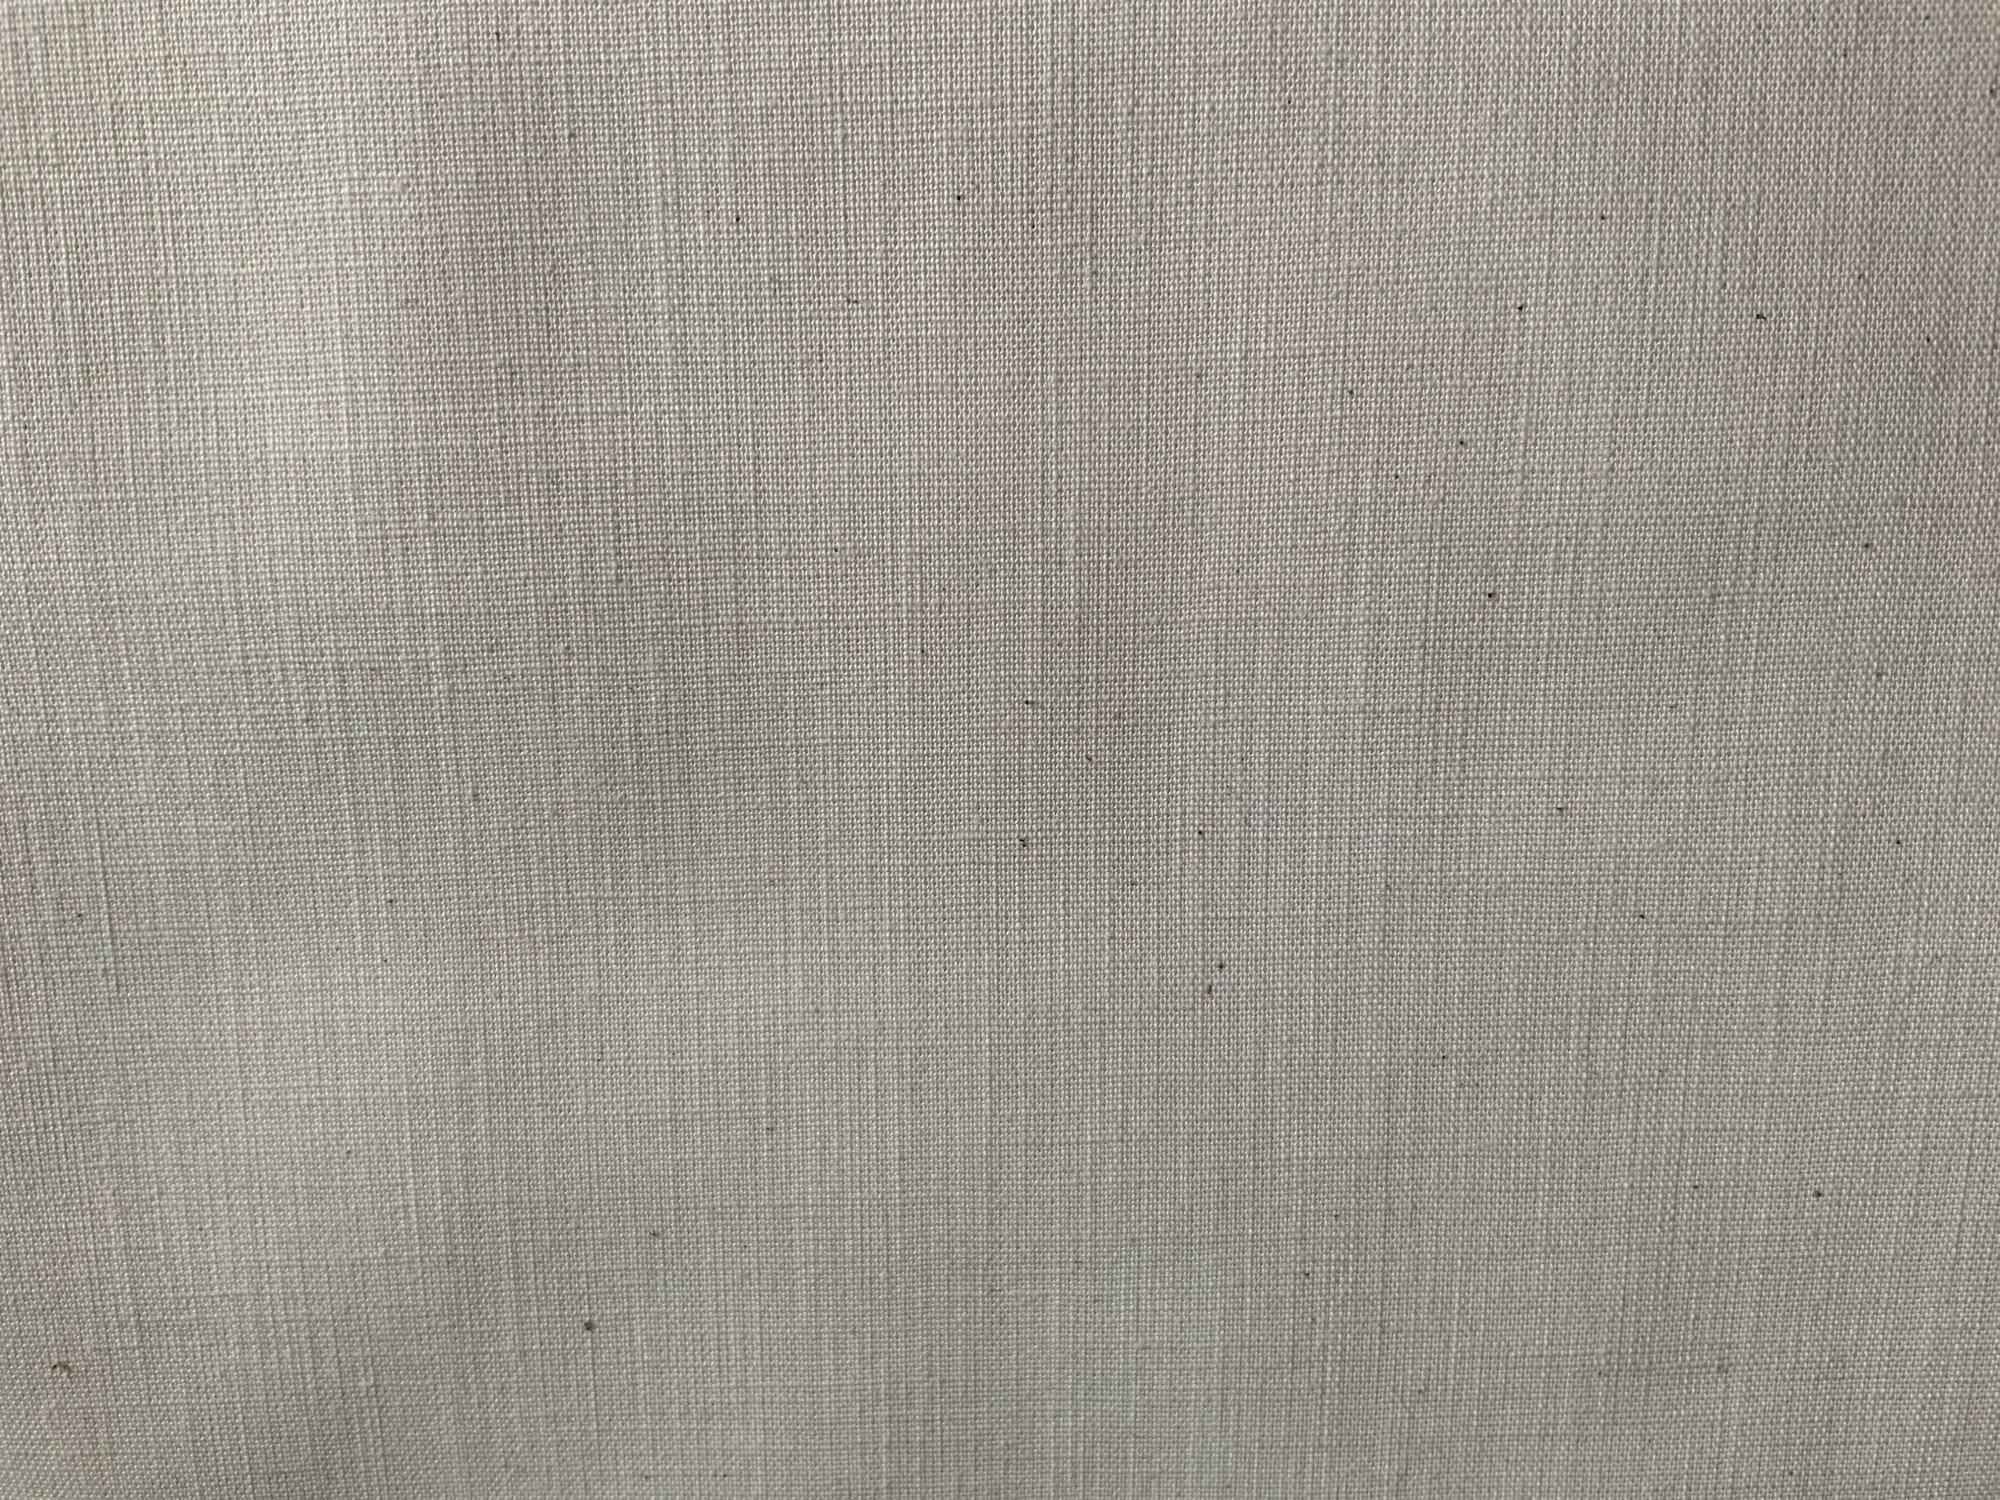 Weaver's Linen Plain